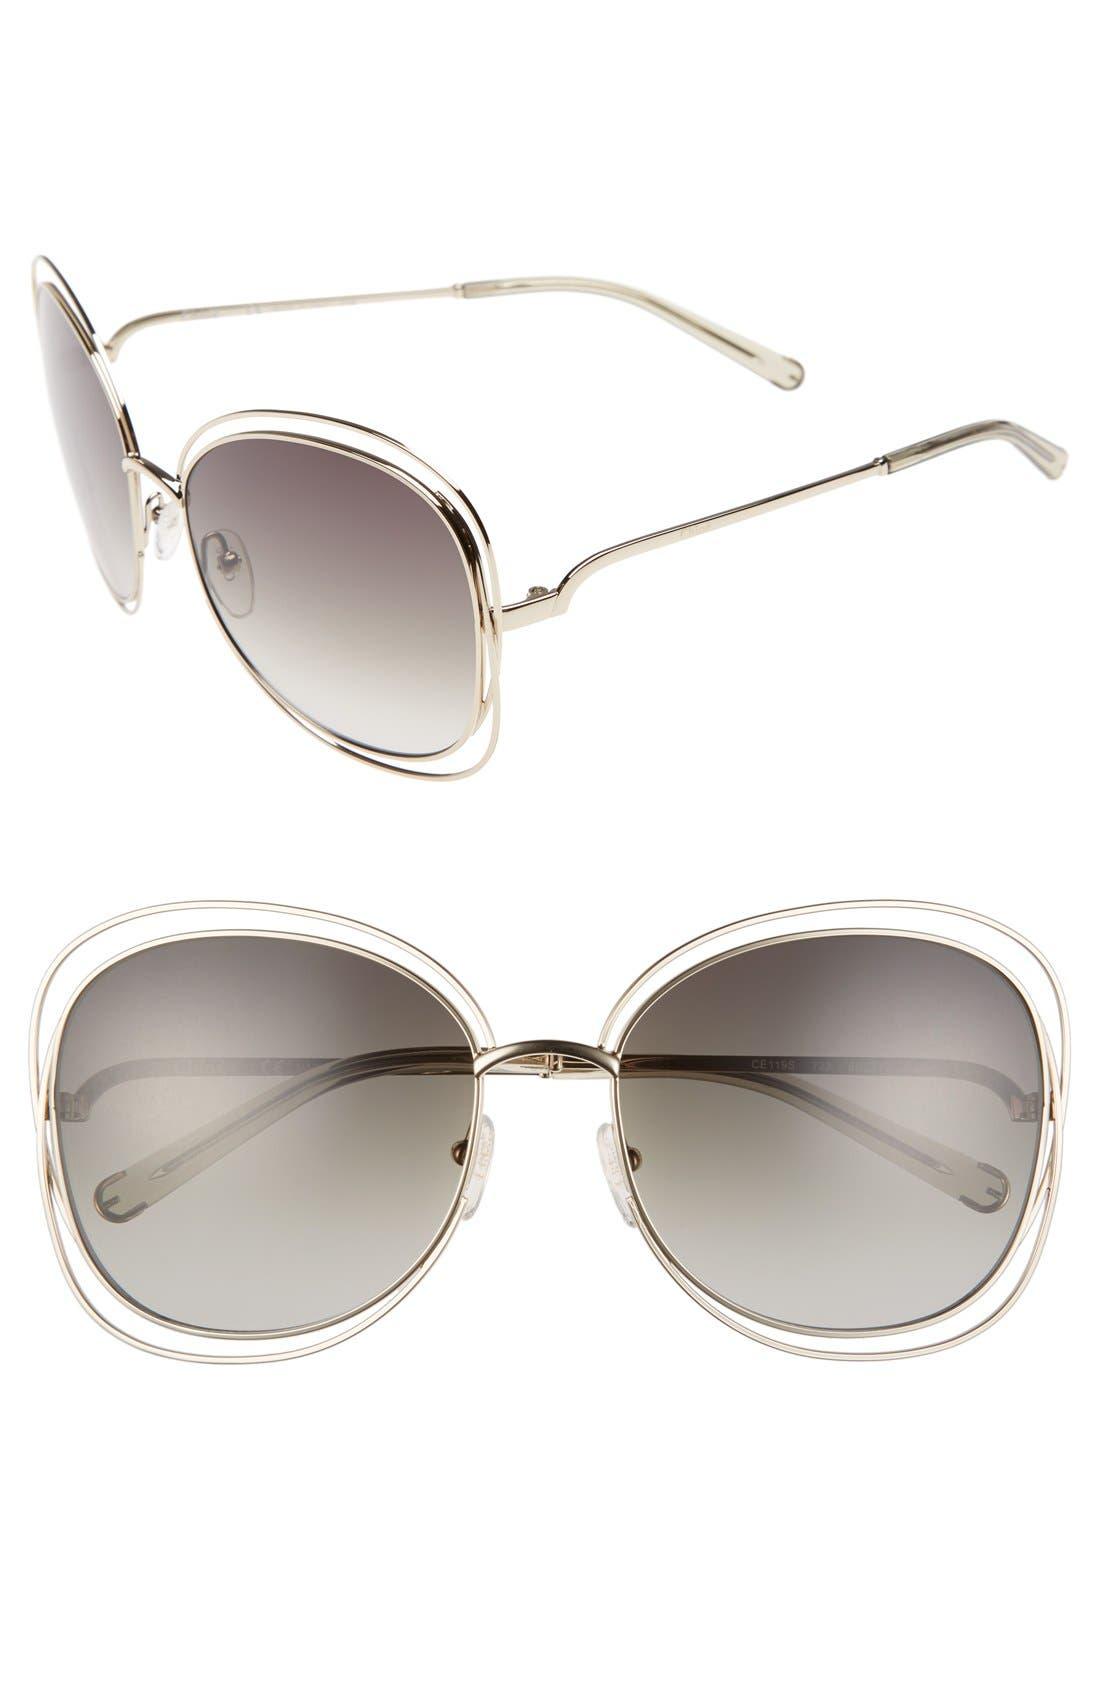 Chloé Carlina 60mm Gradient Les Sunglasses